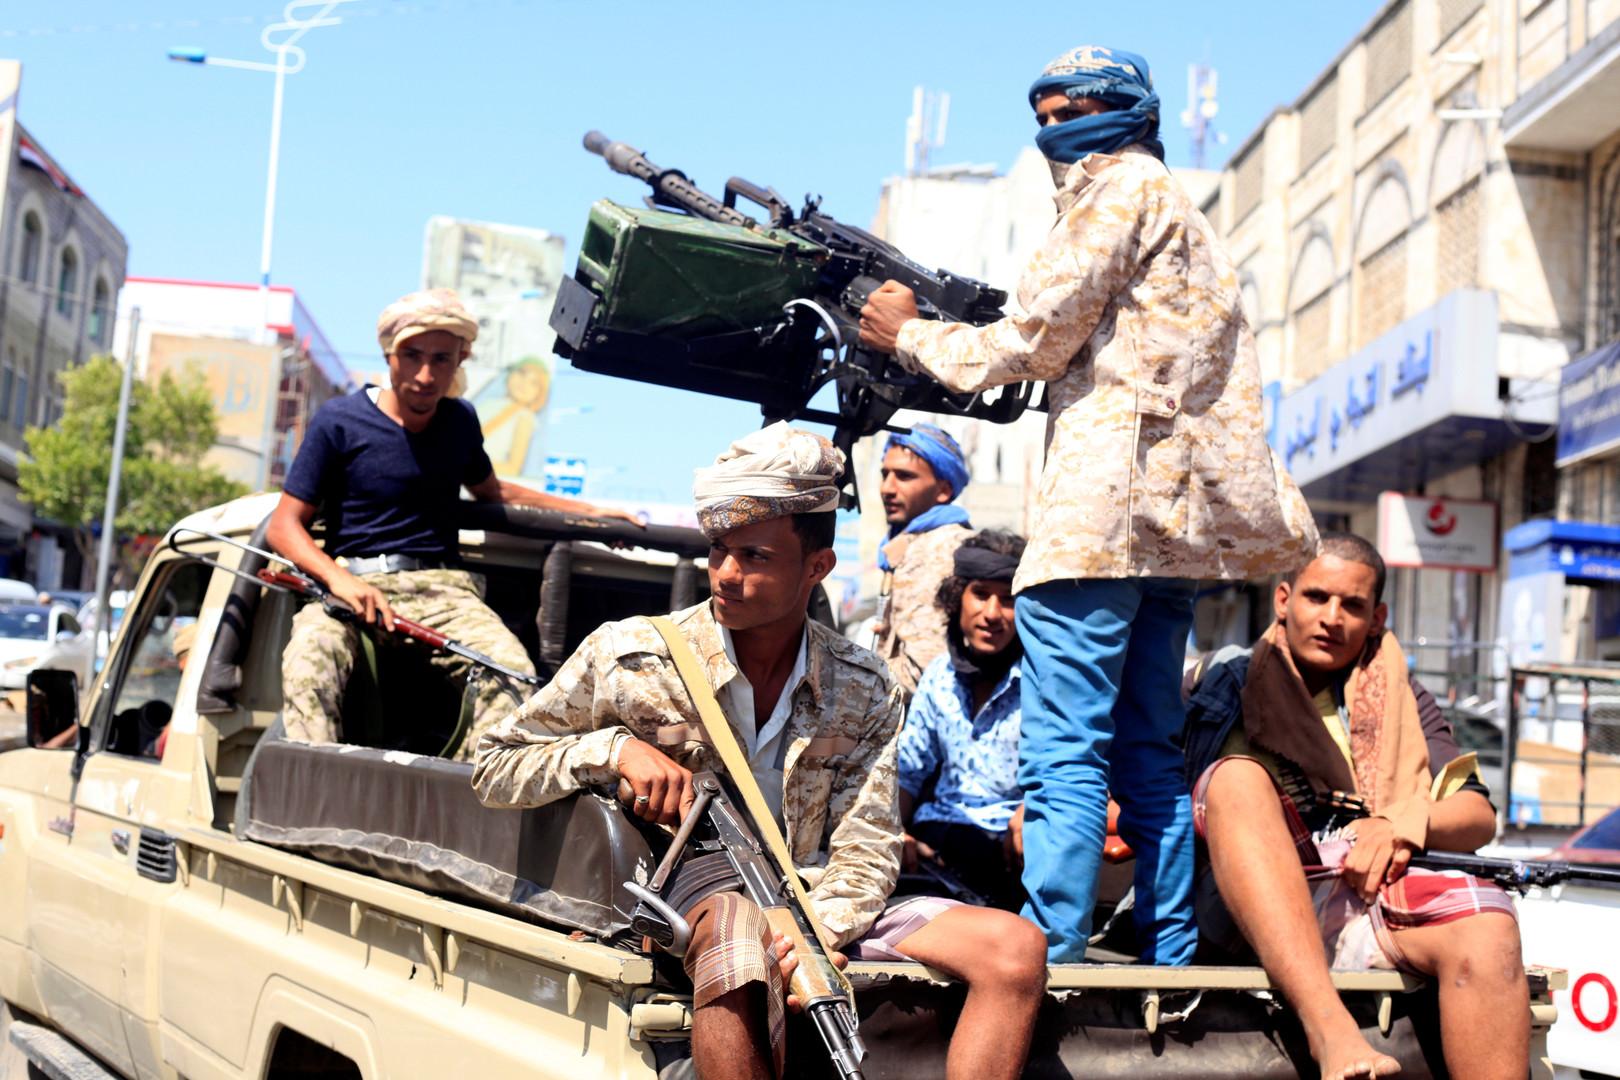 الجيش اليمني يضبط عنصرا مدرجا في قائمة عقوبات أمريكية خليجية